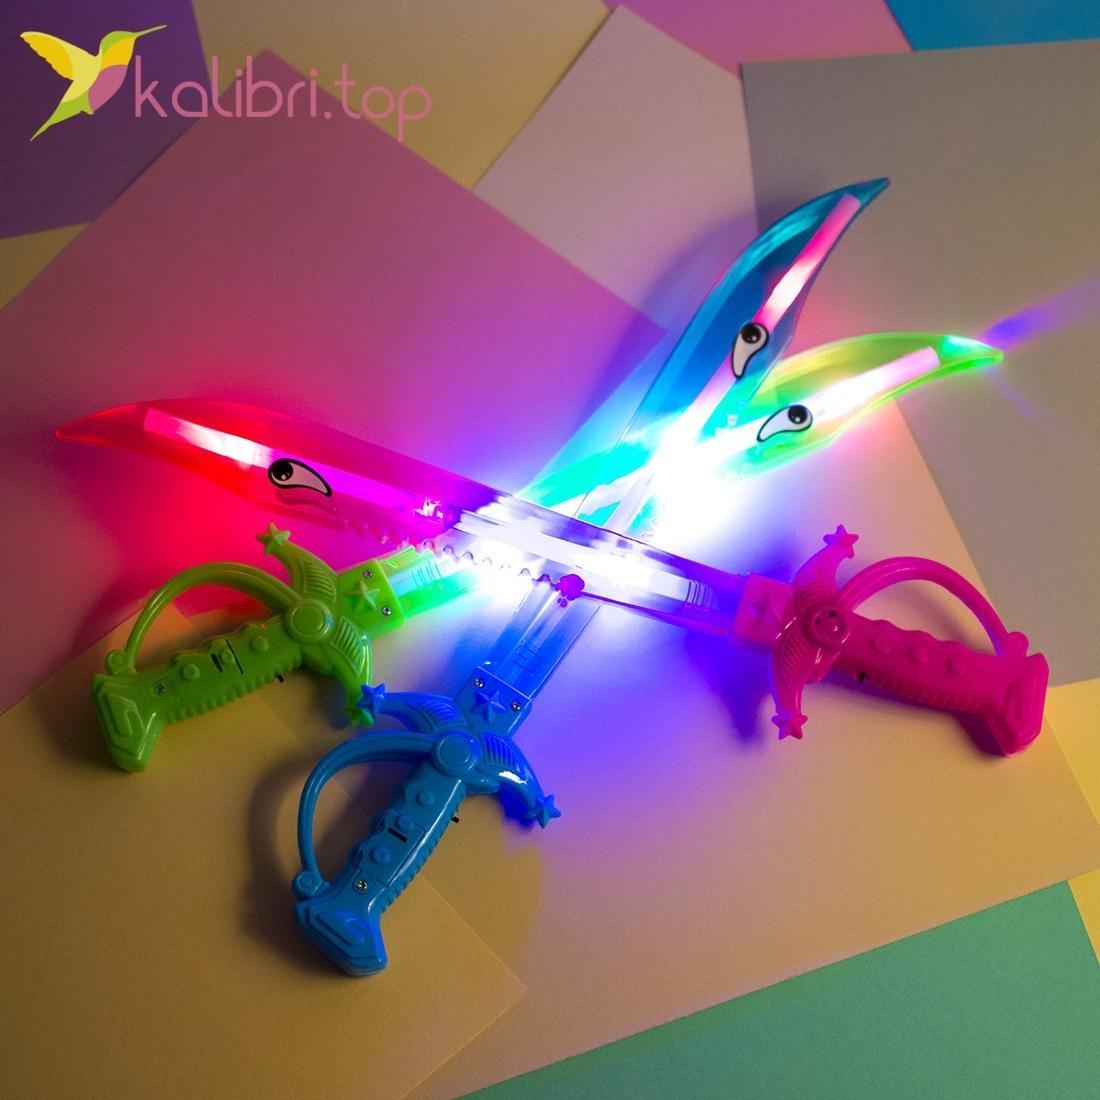 Детский меч музыкальный, светящийся - оптом, фото 2